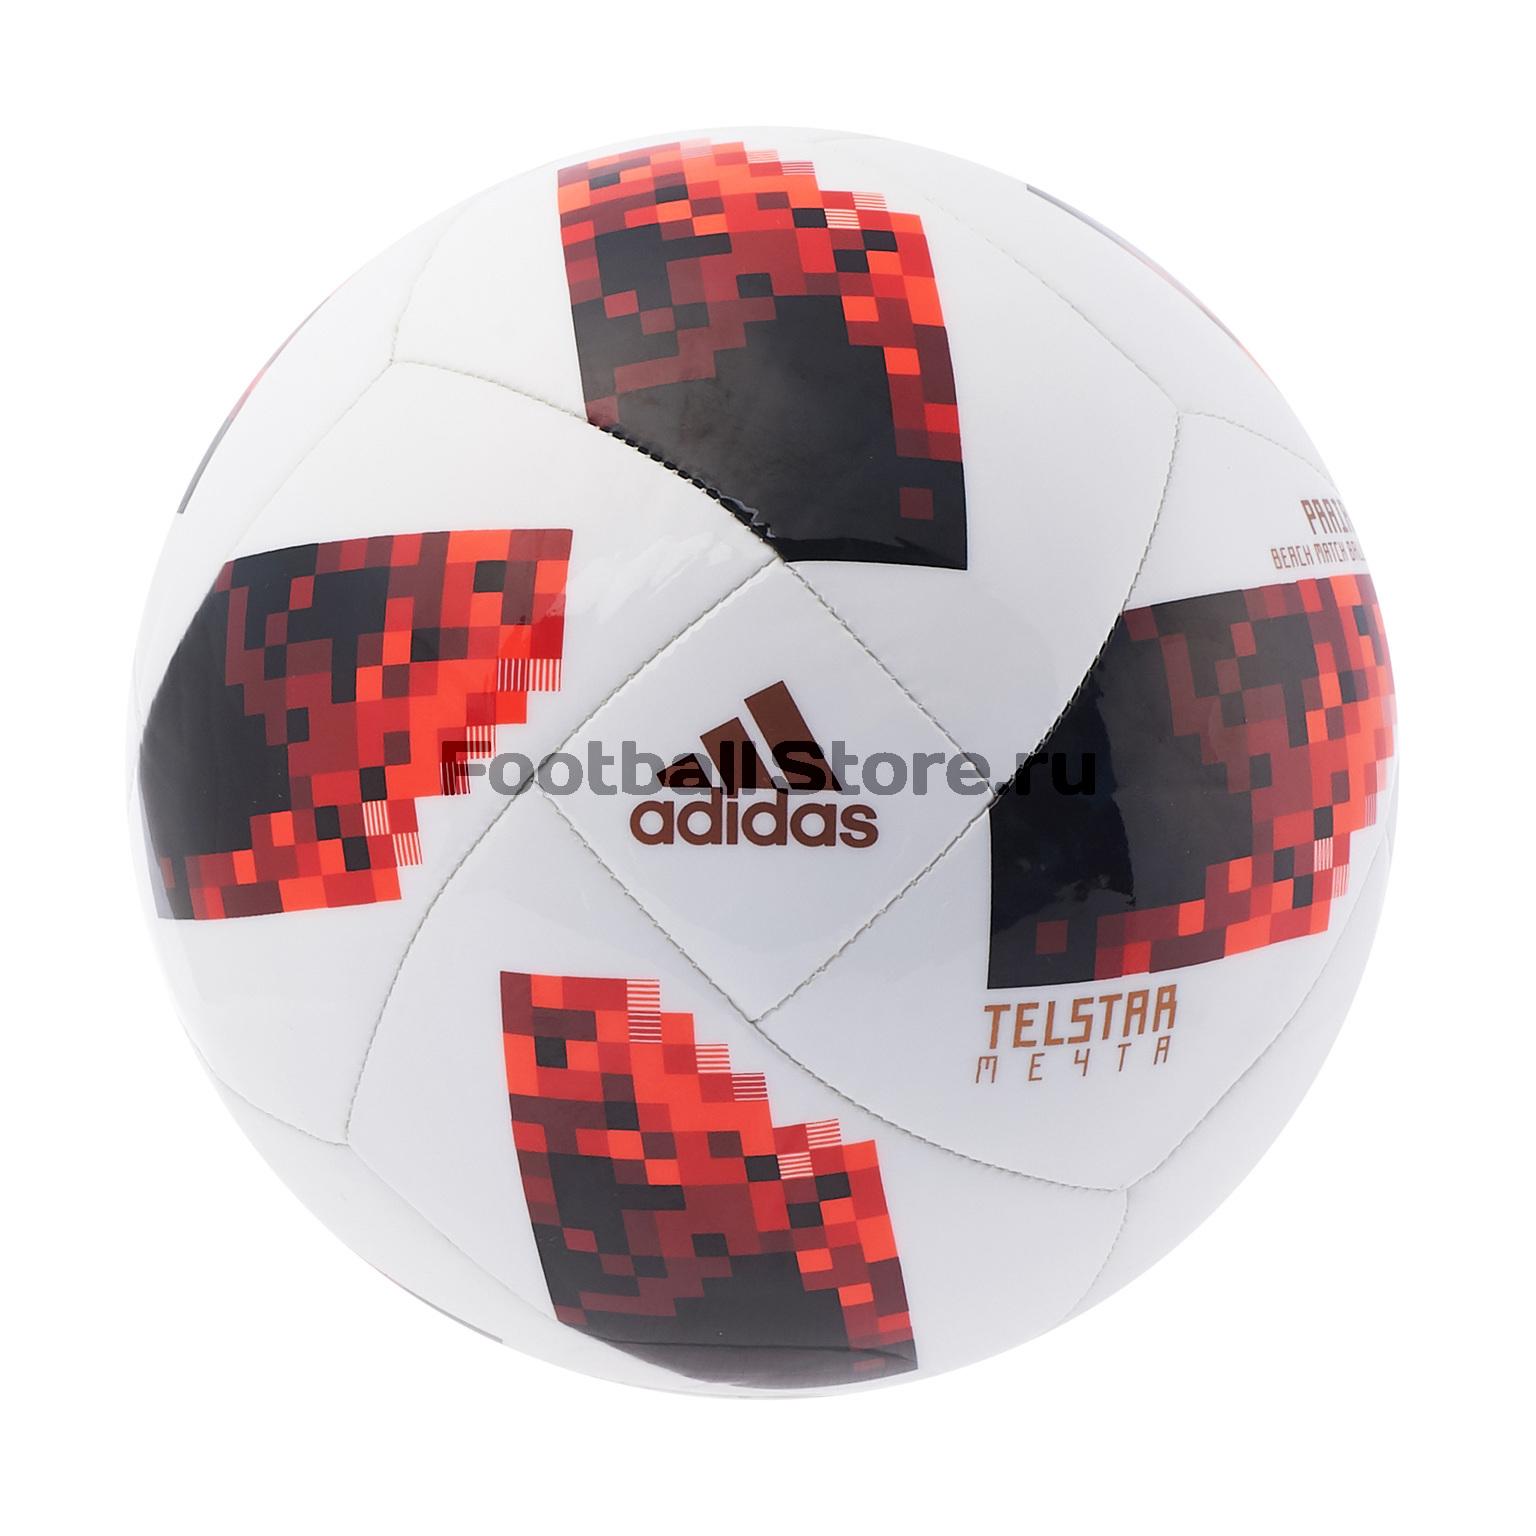 Мяч для пляжного футбола Adidas Telstar Мечта Praia ЧМ-2018 CW4708 цена